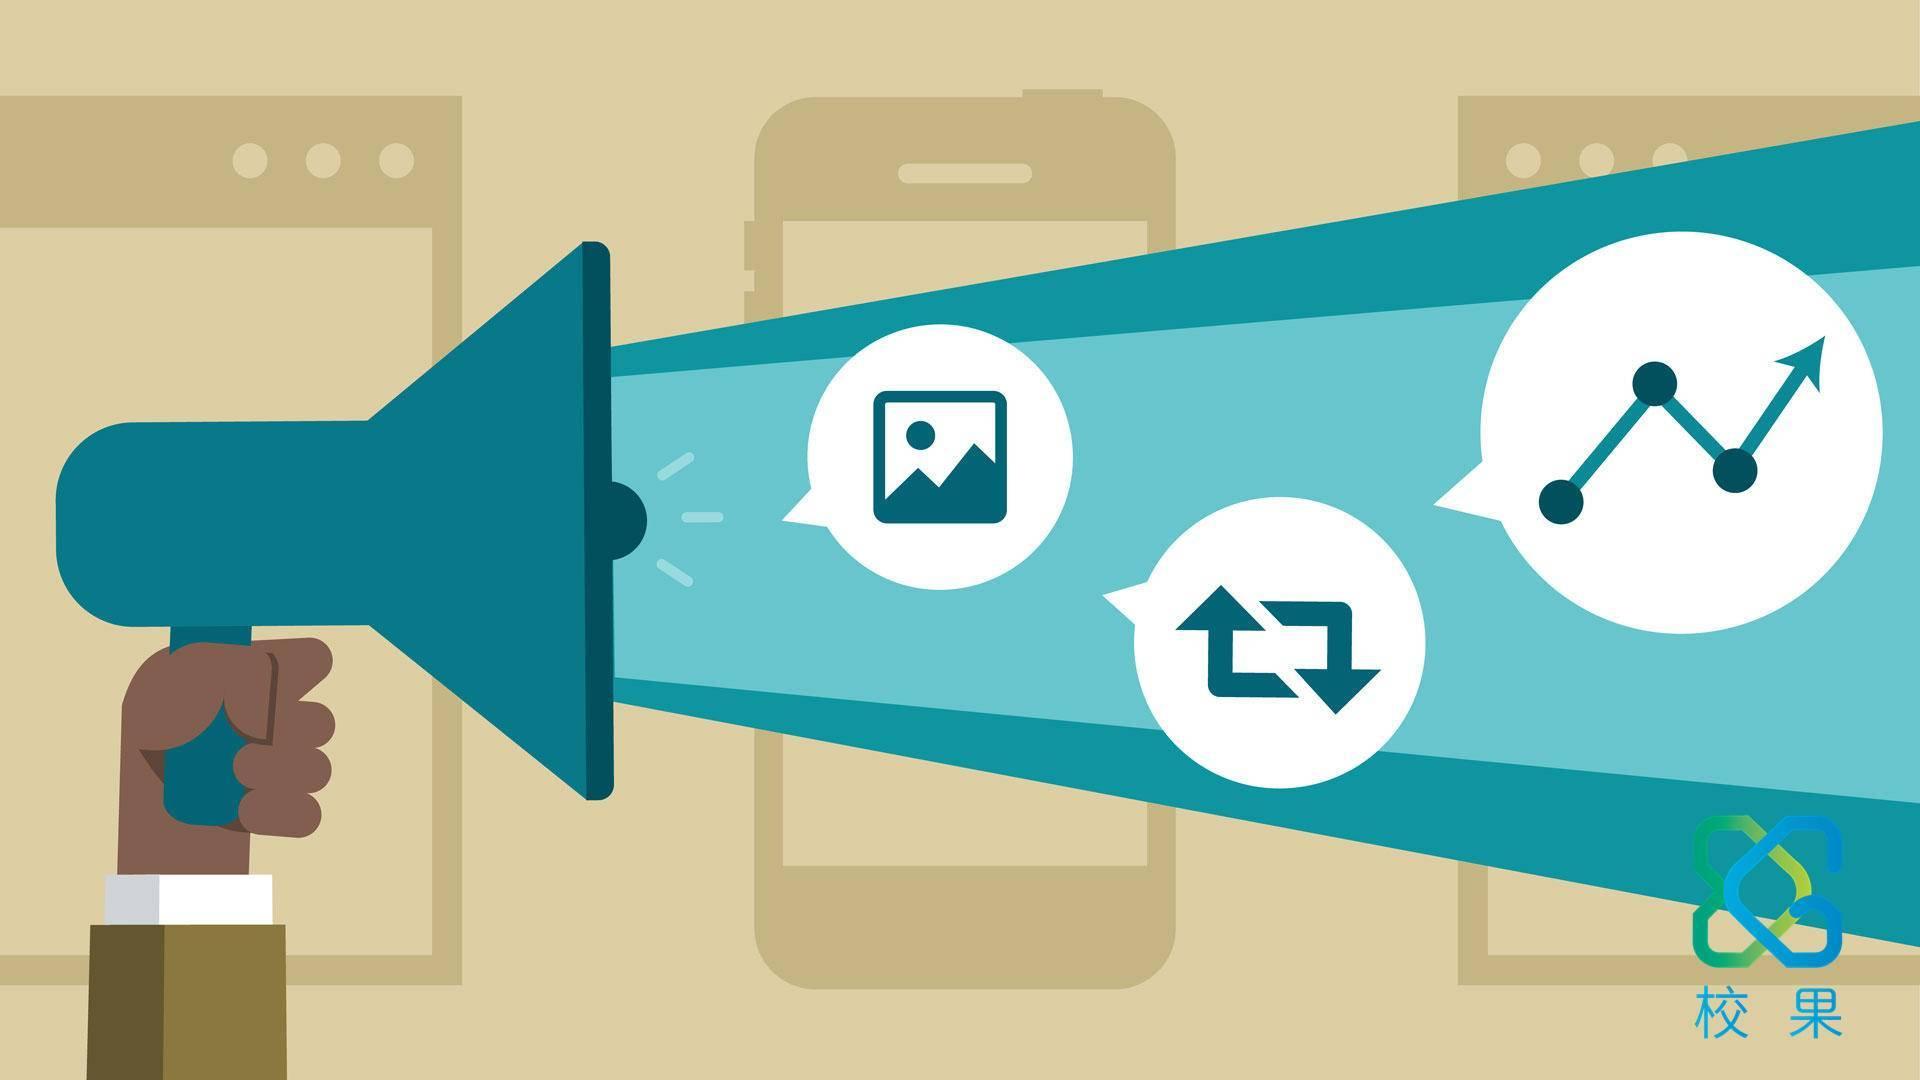 跨界营销,应该注意什么?